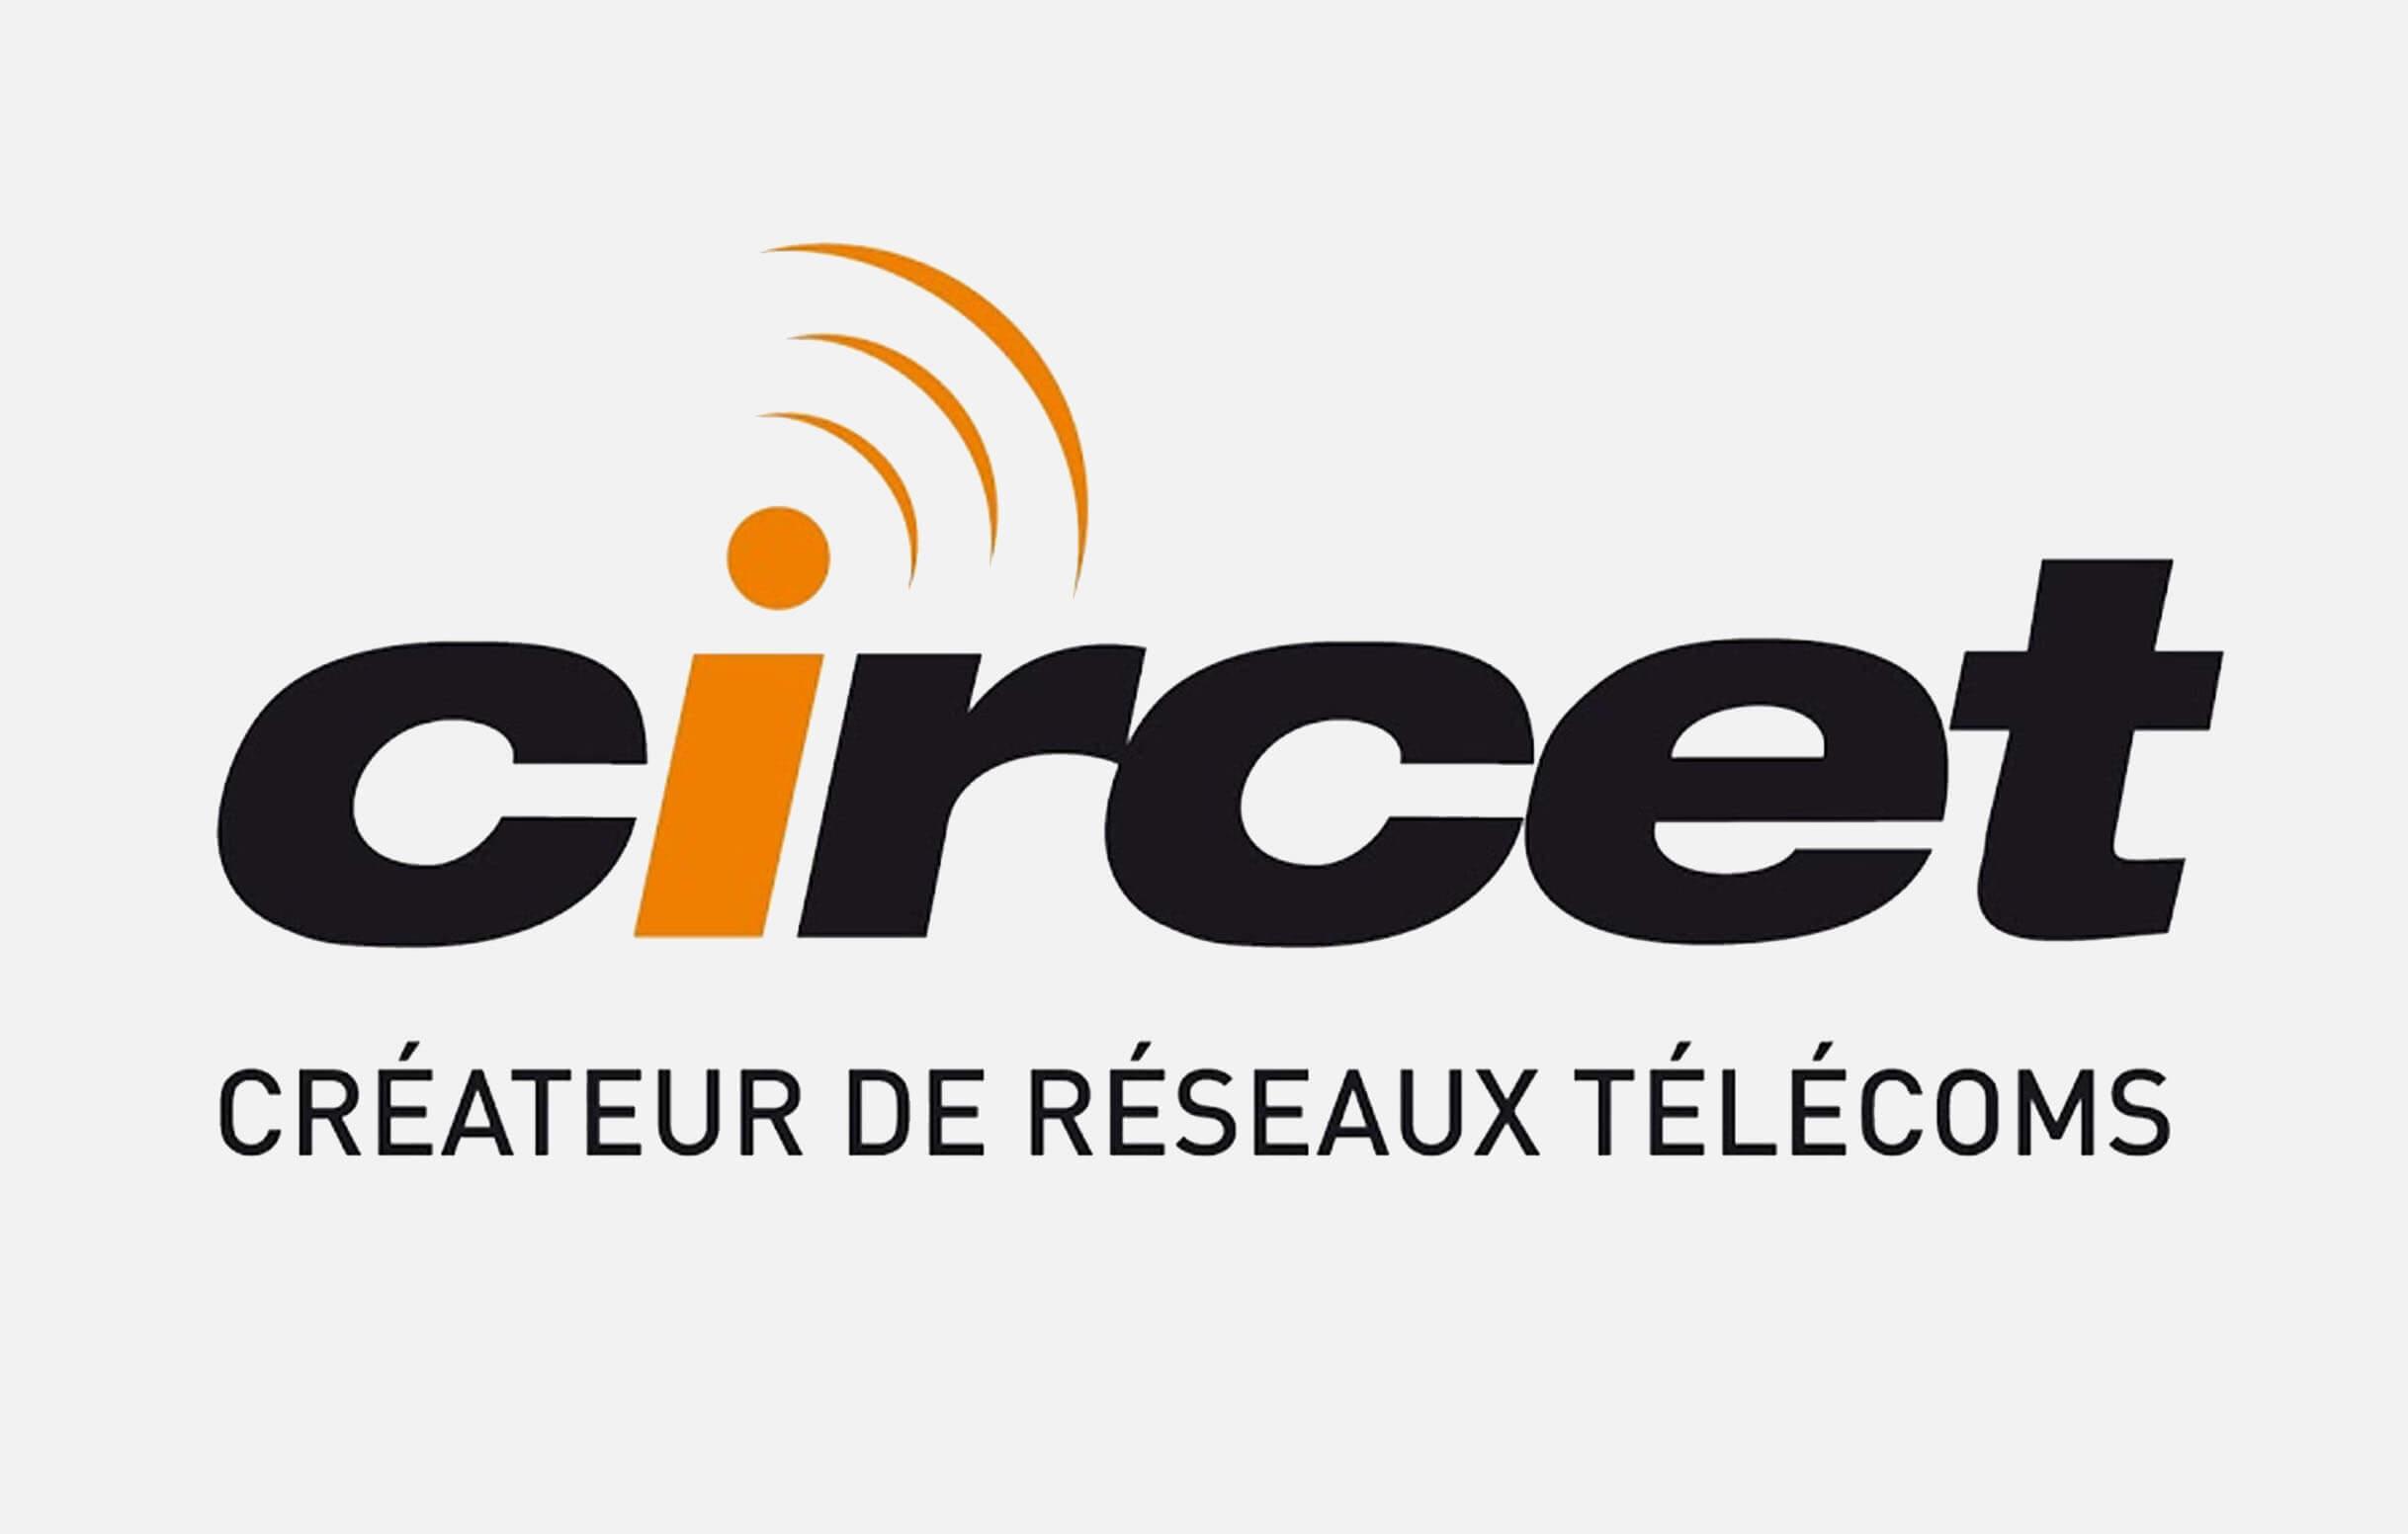 Circet - logo